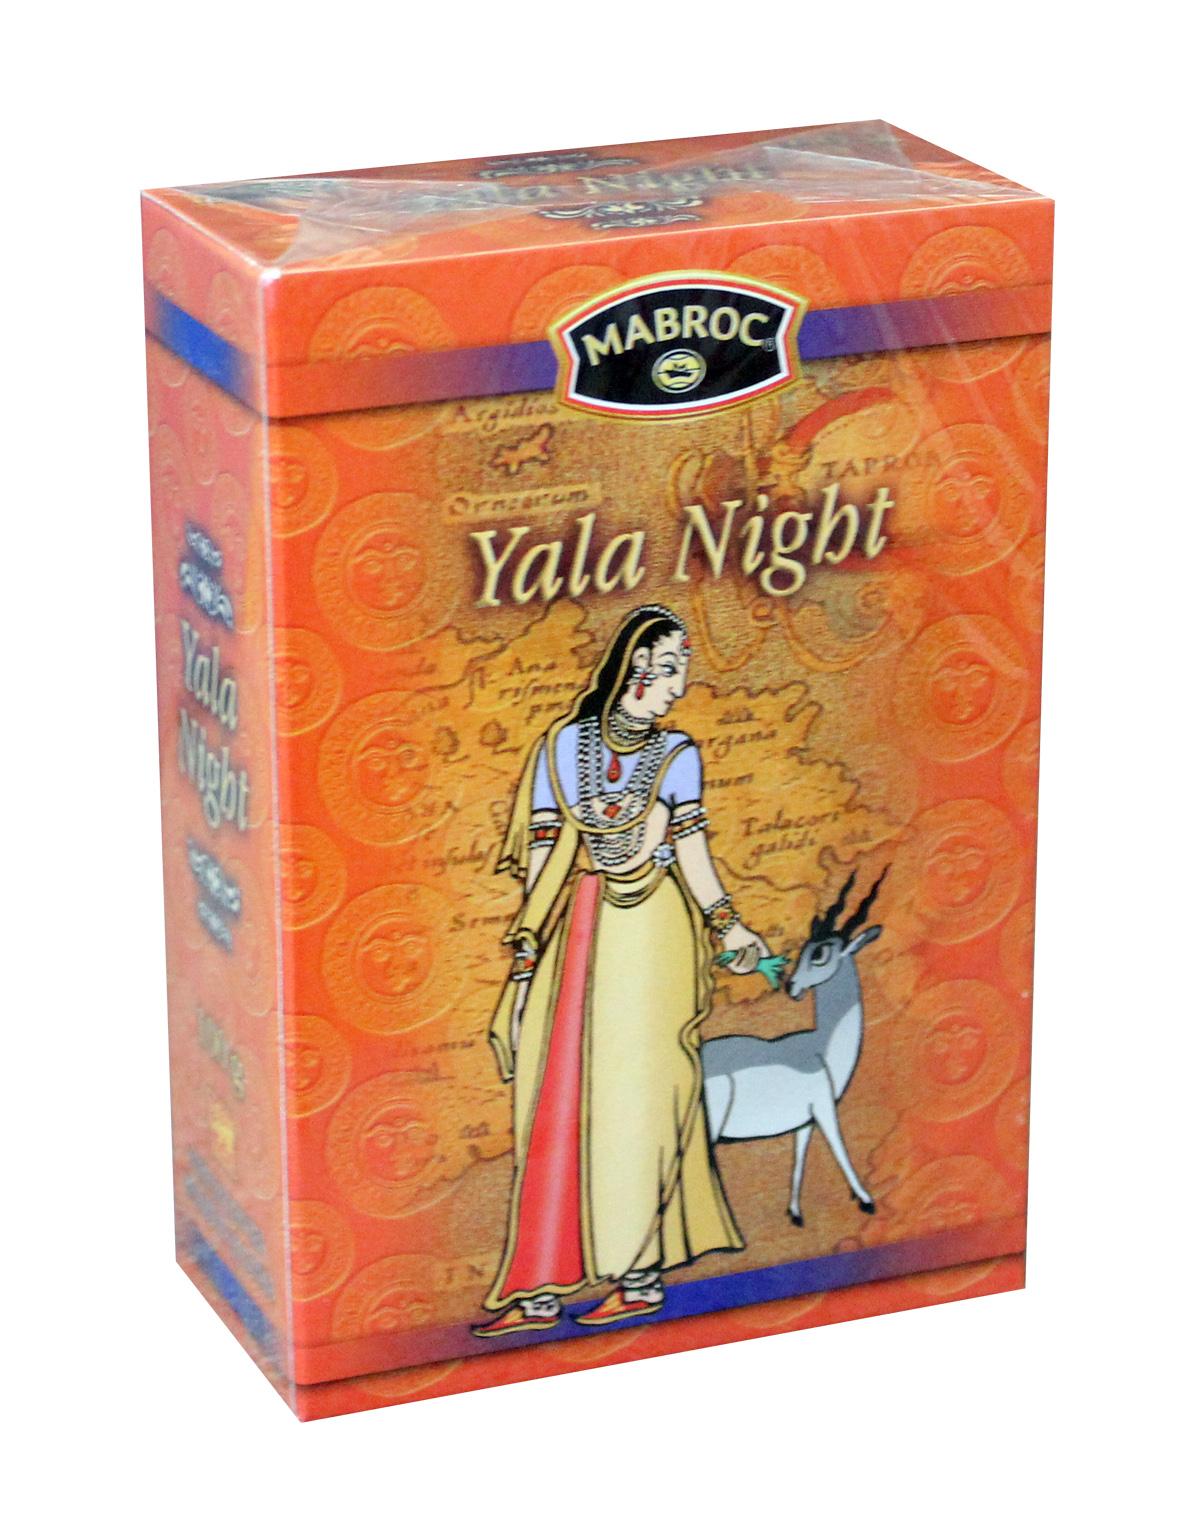 Mabroc Древние легенды. Ялла ночь чай черный листовой, 100 г4791029061474ТМ «Маброк», коллекция «Древние легенды», Ялла ночь. Эта коллекция является визитной карточкой «Маброк» и включает в себя наиболее престижные, известные и дорогие сорта. Это удивительный ассортимент чаев с плантаций Маброк Тис, со вкусом, одновременно подходящим для сибирского климата и передающий изысканный вкус Востока. Состав: 100% цейлонский черный чай со вкусом клубники и лимона, с листьями черной смородины, кусочками сушенных яблок, корочками лимона и апельсина. Чай Ялла Ночь выращен в районе с высоким уровнем влажности, что обеспечивает ему полноту вкуса. Купаж хорошо вбирает в себя ароматы добавок: клубники, лимона, черной смородины и яблока. Ялла Ночь — это насыщенный вкусом, изысканный чай. В Ялла Ночи чувствуется нотка лимона. Она не затмевает основного вкуса, а напротив настраивает пьющего на особый лад.